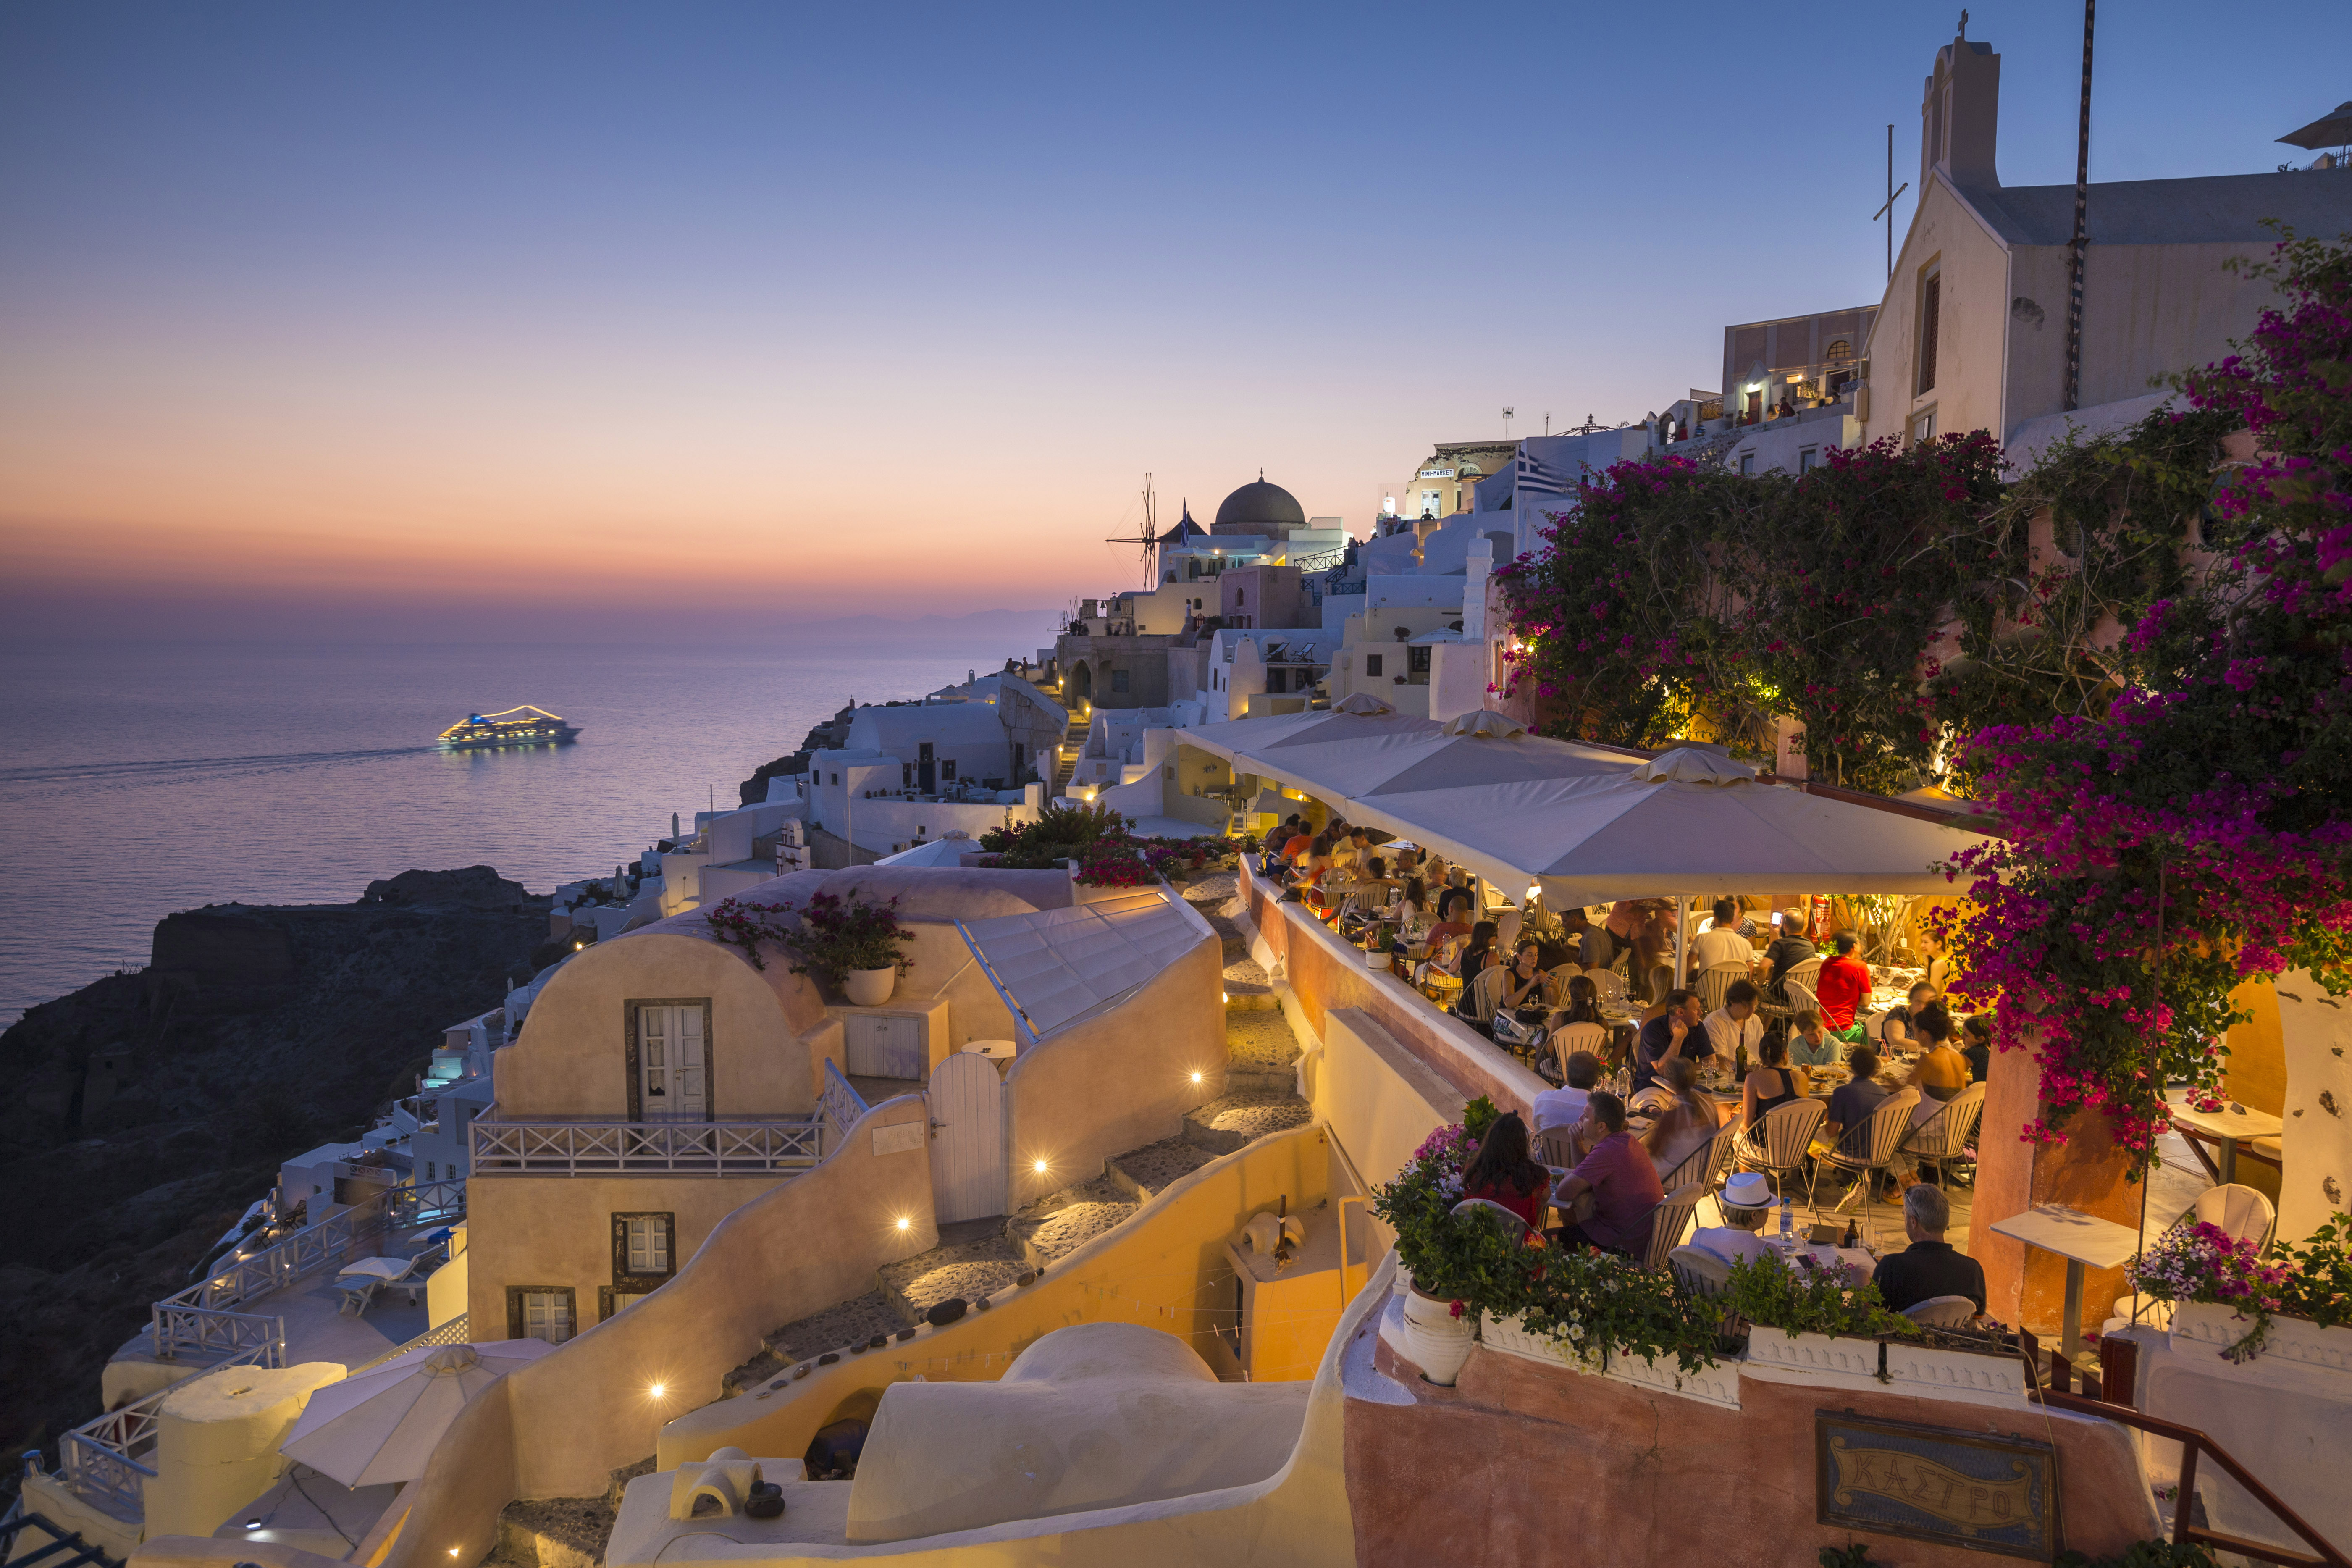 Restaurant overlooking the water in Santorini, Greece.